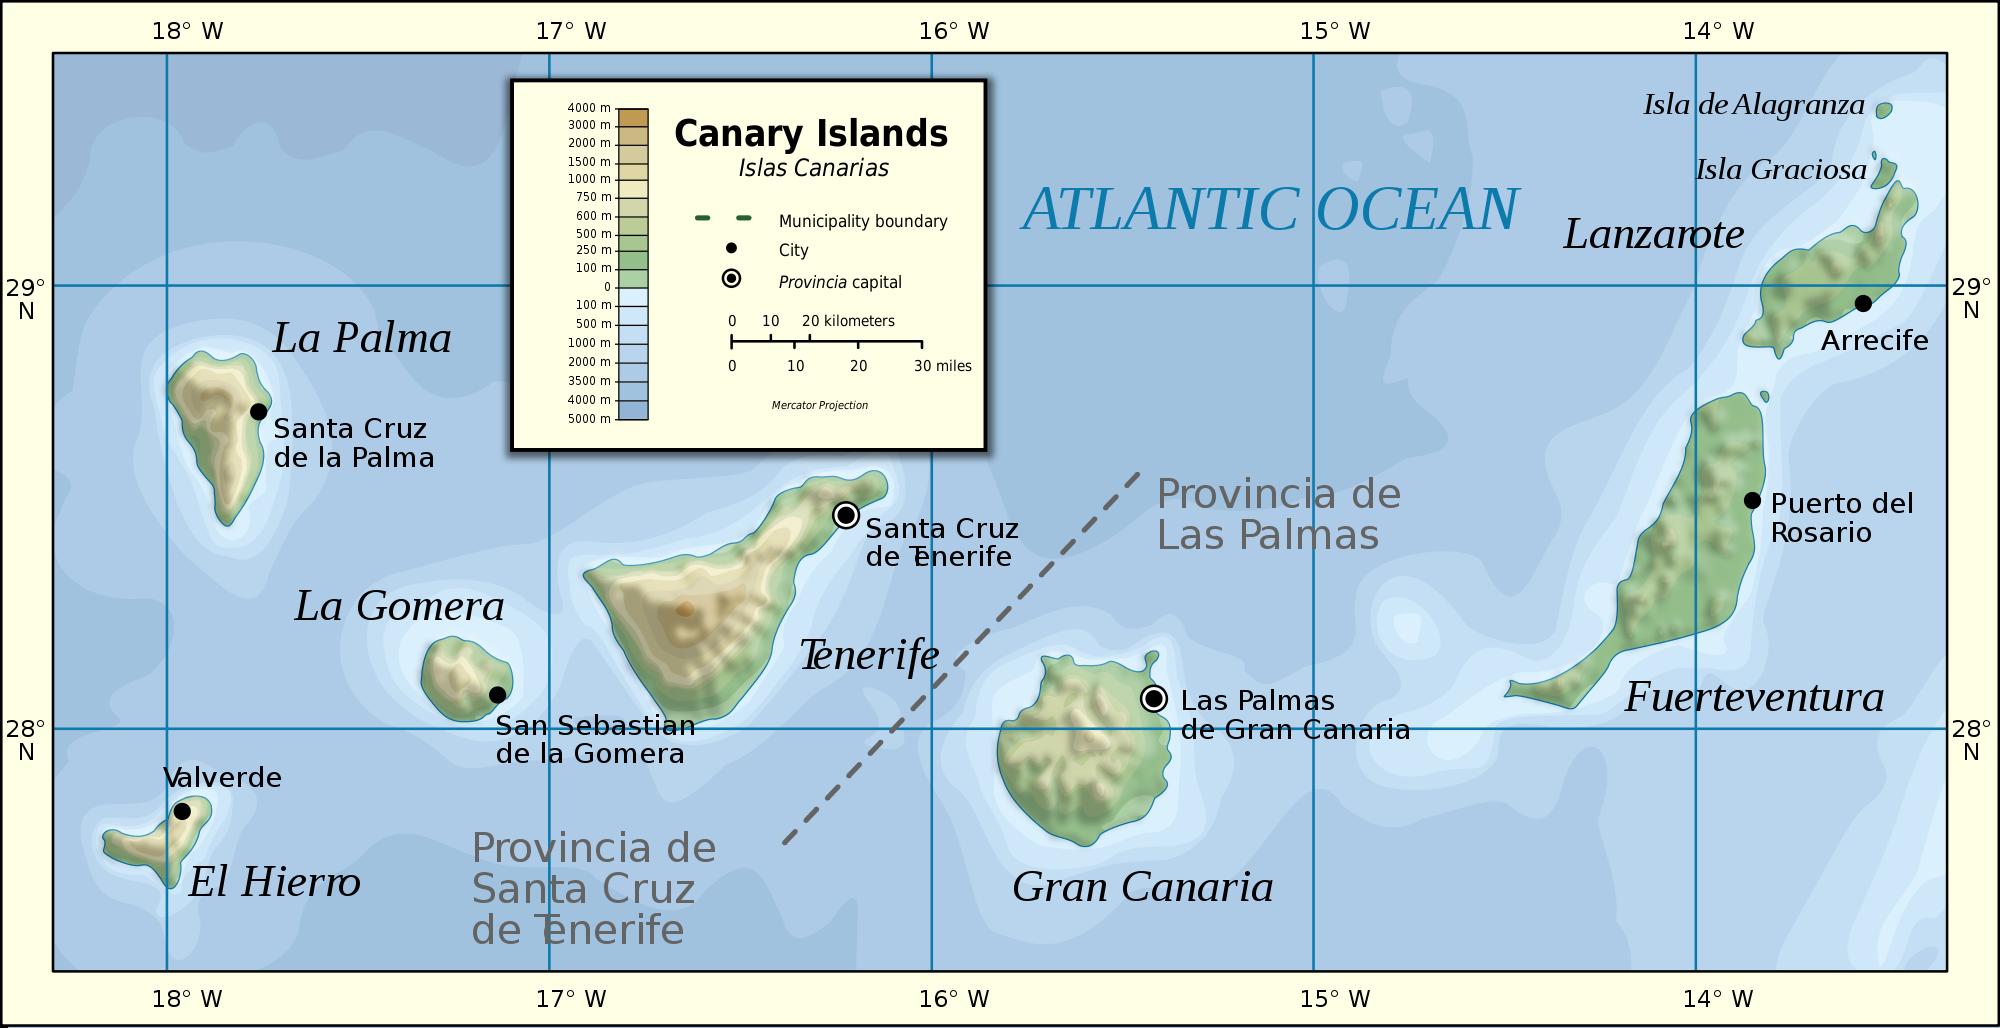 Tamaño Islas Canarias de Las Islas Canarias 2007